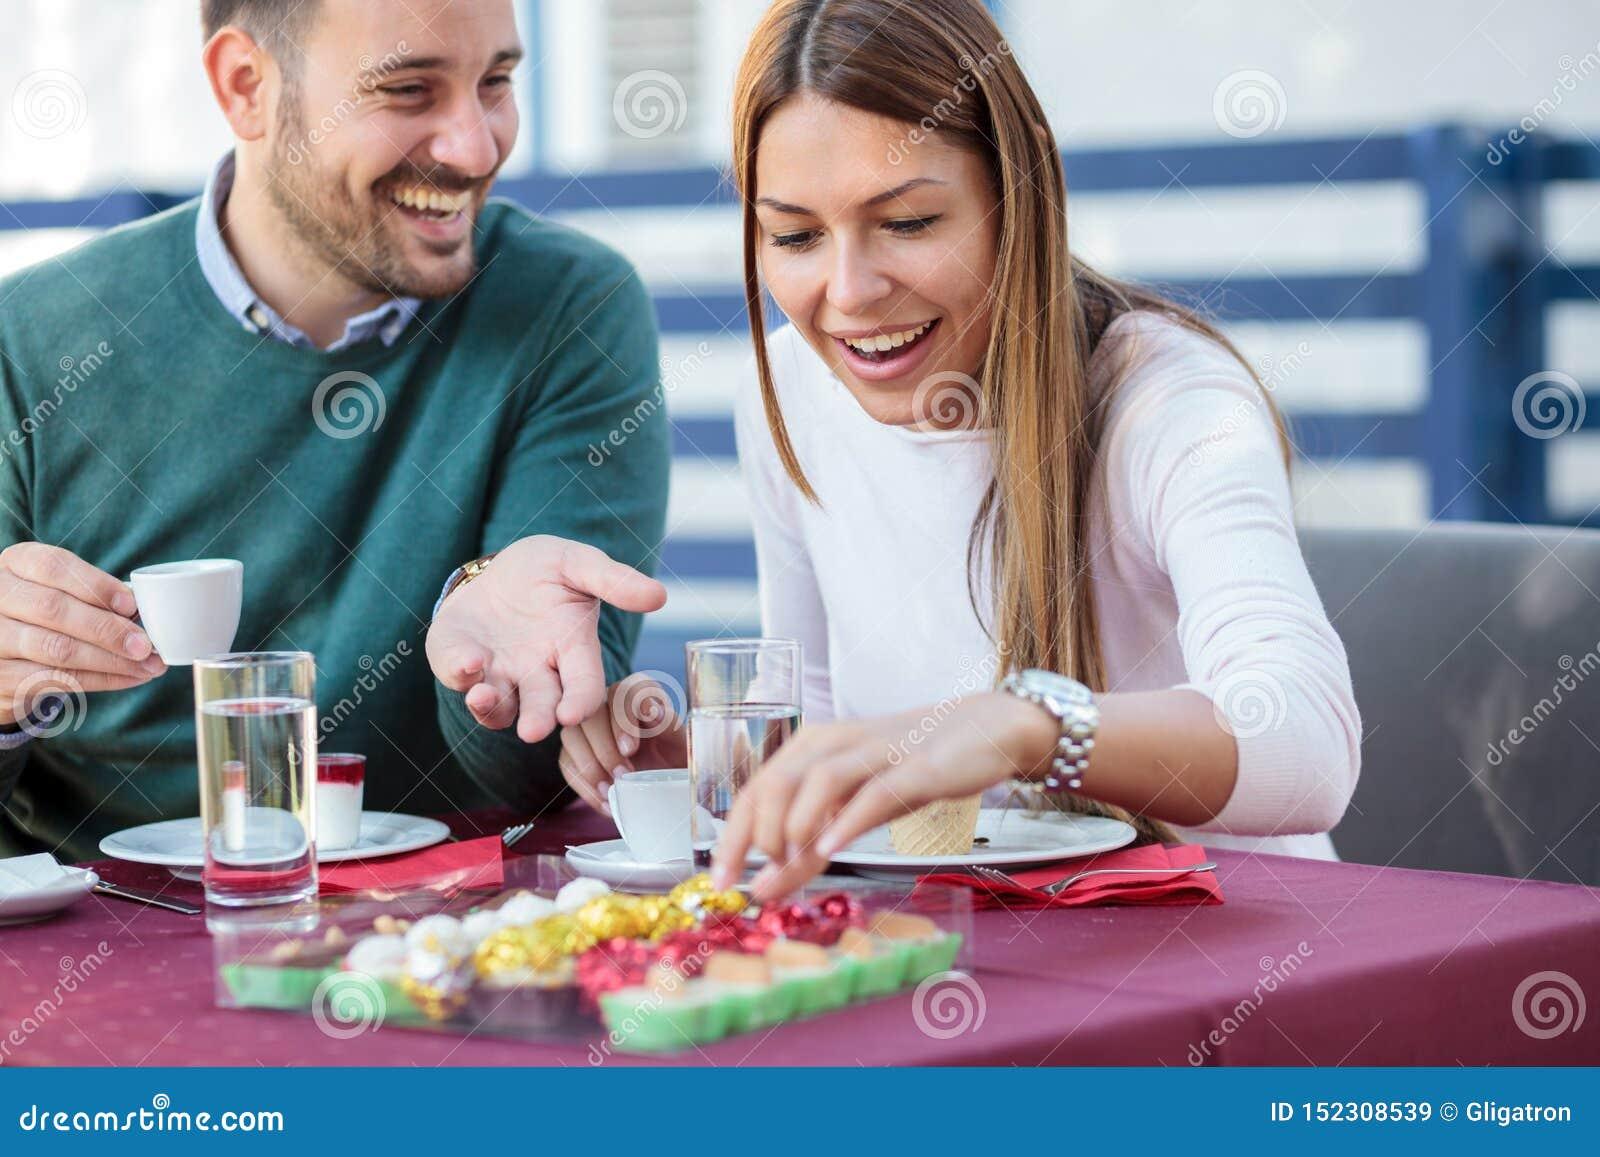 Mooi gelukkig jong paar die cakes eten en koffie in een restaurant drinken